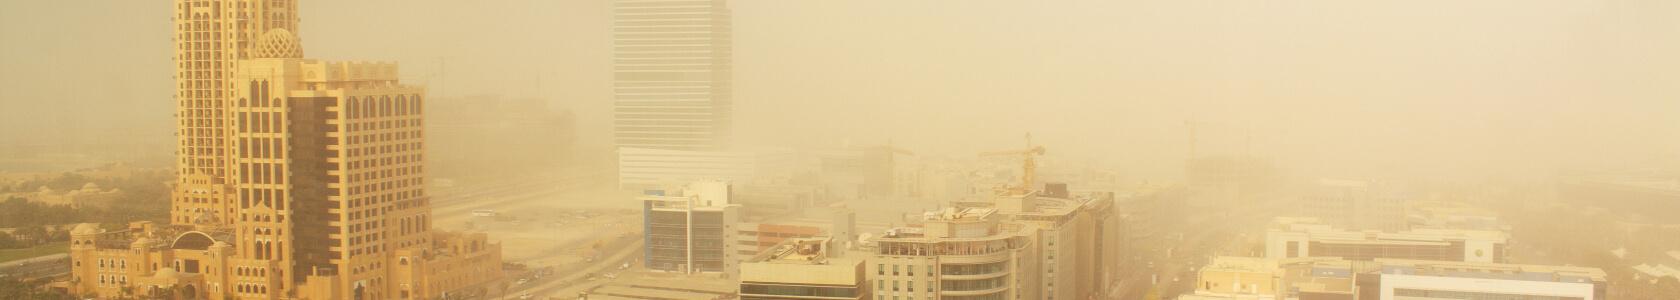 a dust cloud descends over a city